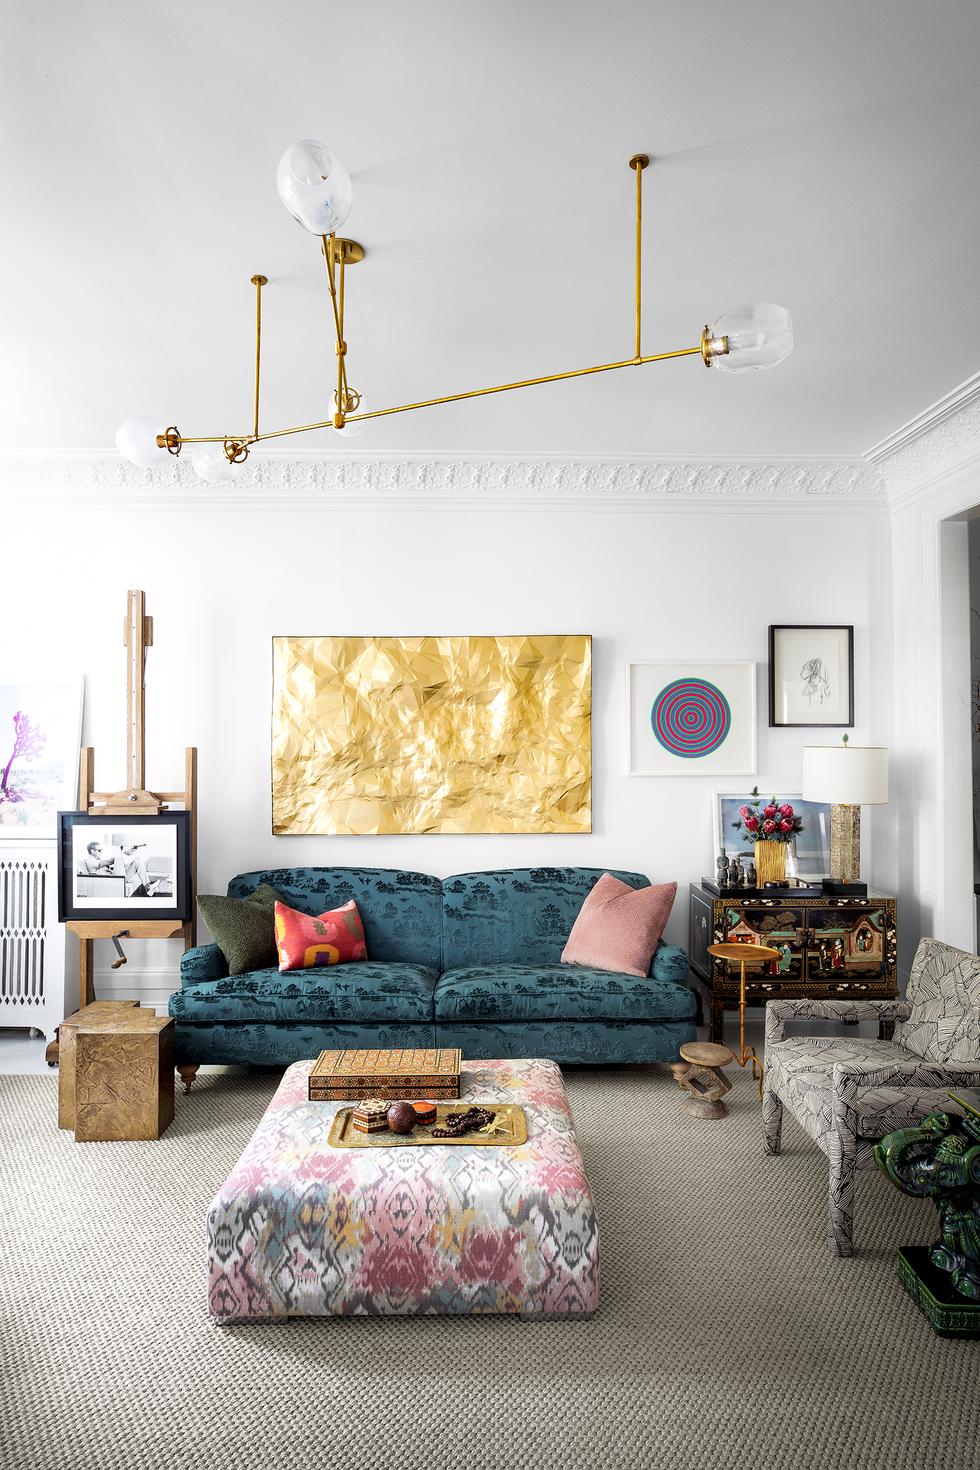 Cùng chiêm ngưỡng vẻ đẹp khó cưỡng của những căn phòng khách mang phong cách đương đại - Ảnh 14.